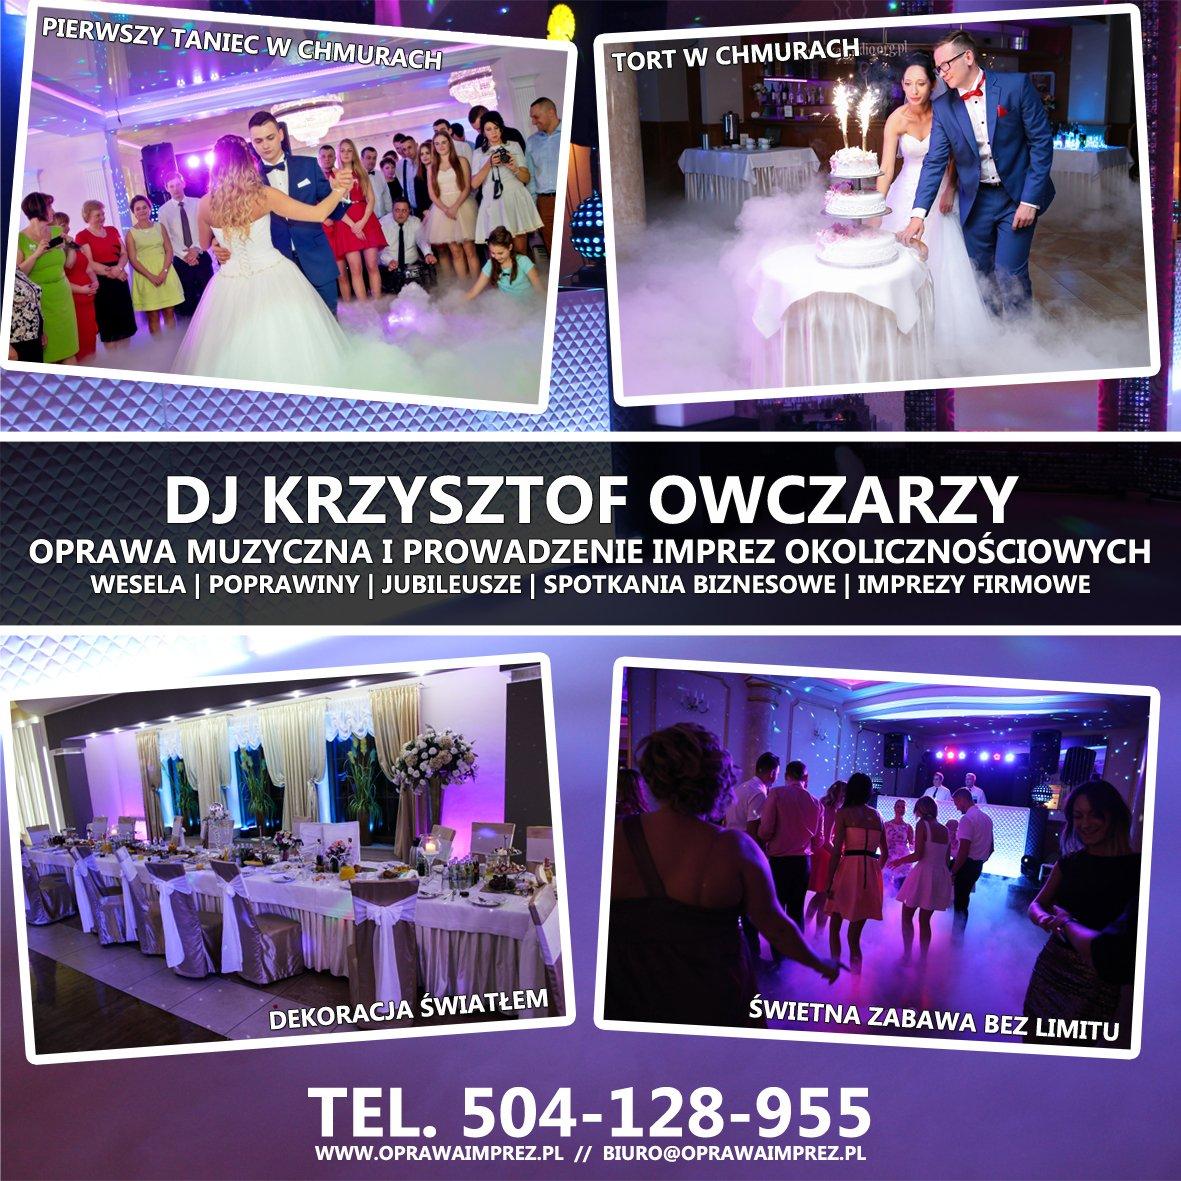 DJ Krzysztof Owczarzy - dobry wybór na Twoje wesele!